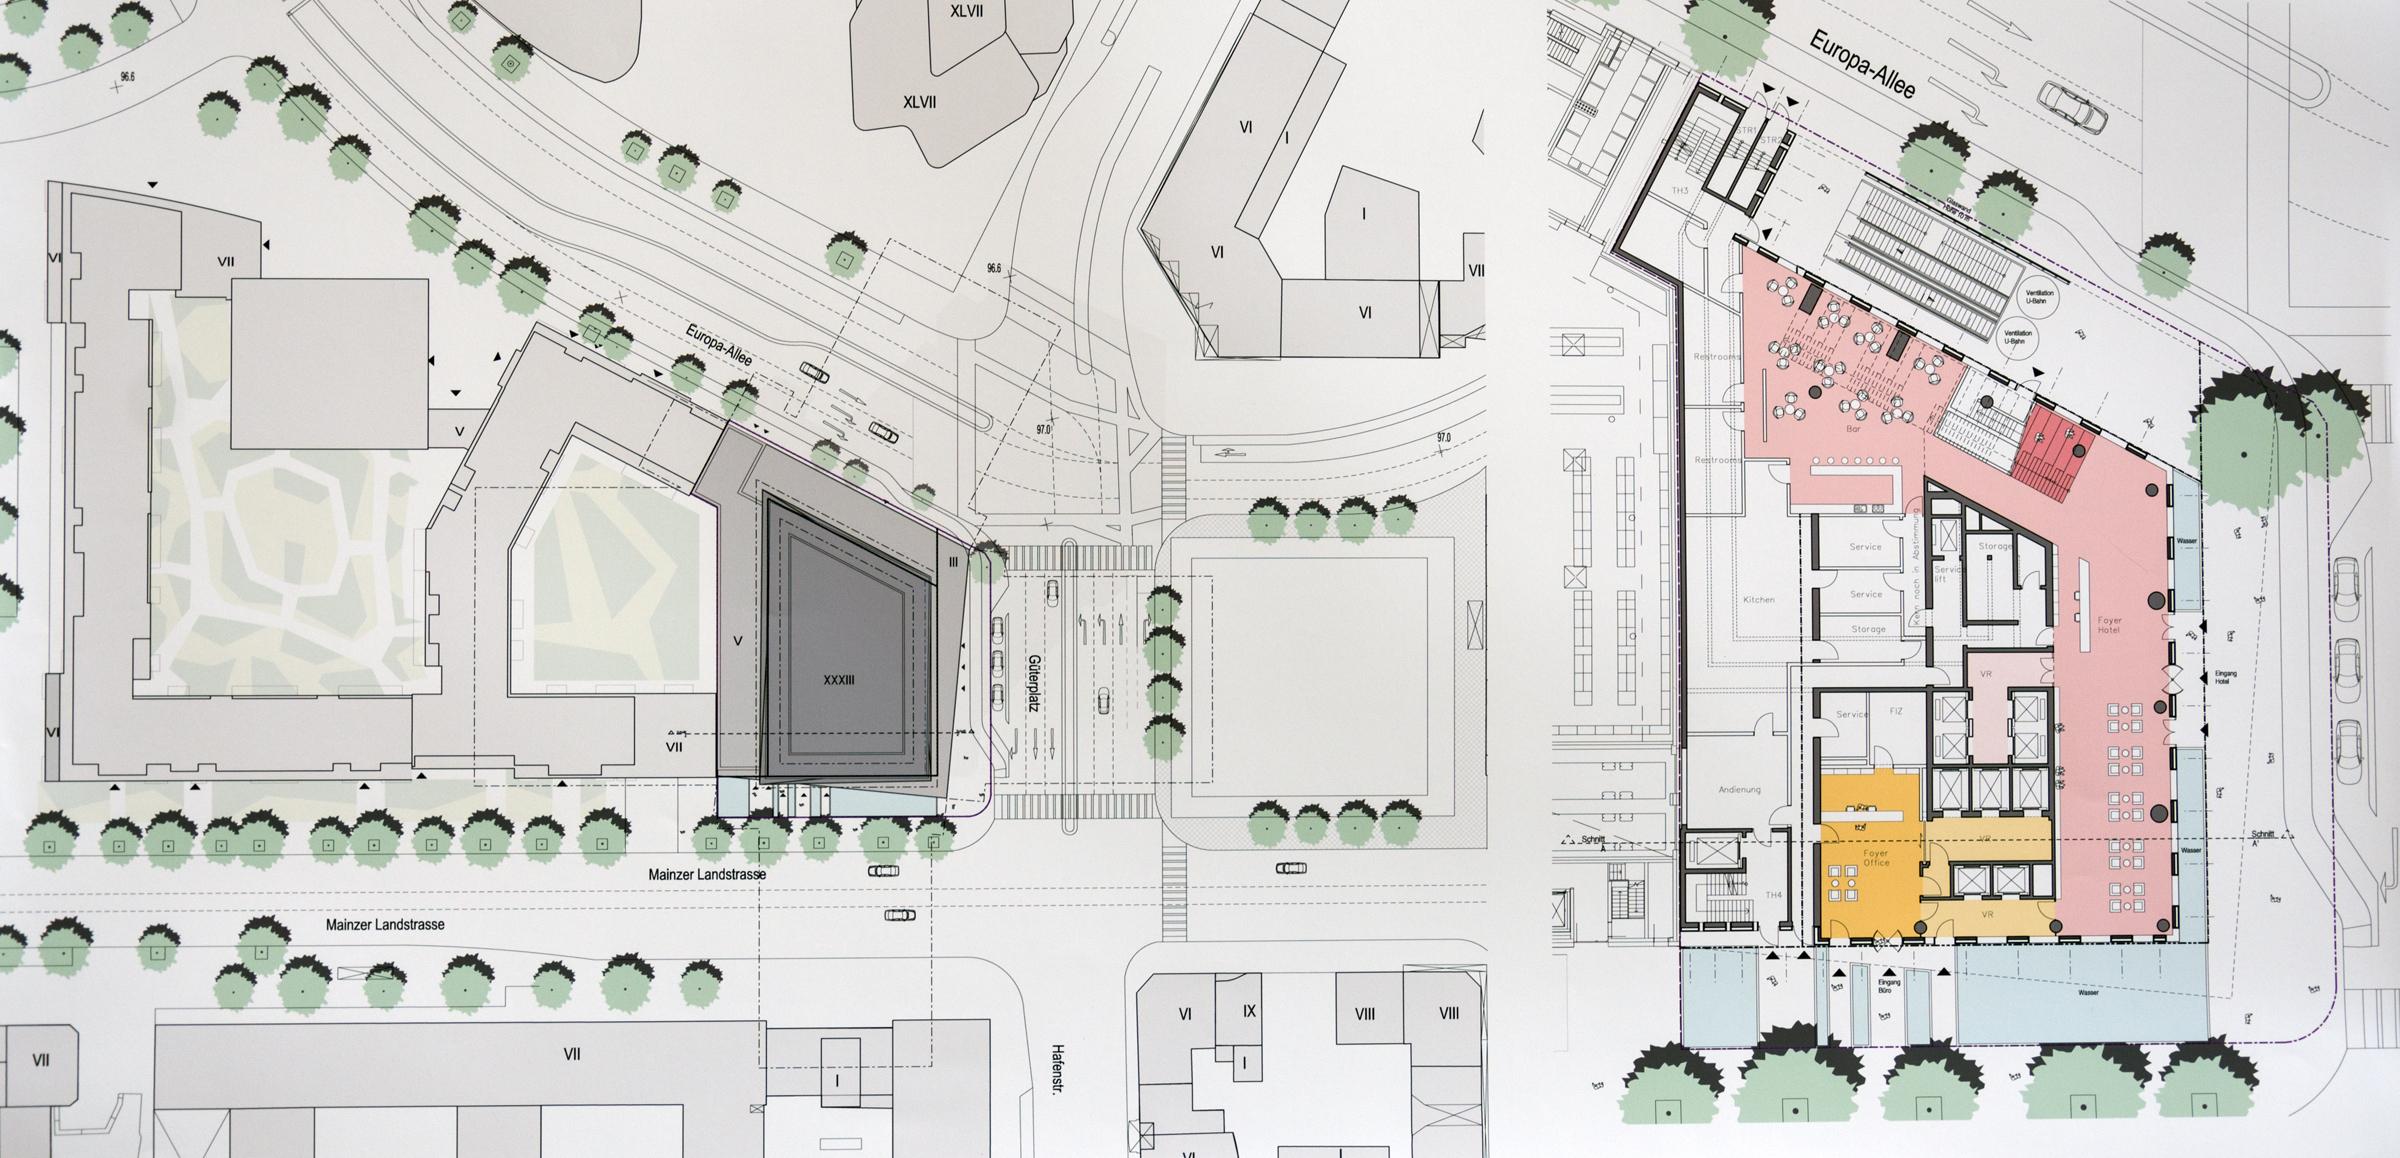 Güterplatz: The Spin (128 m), Eden (98 m), Wohnungsbau [Bauphase ...